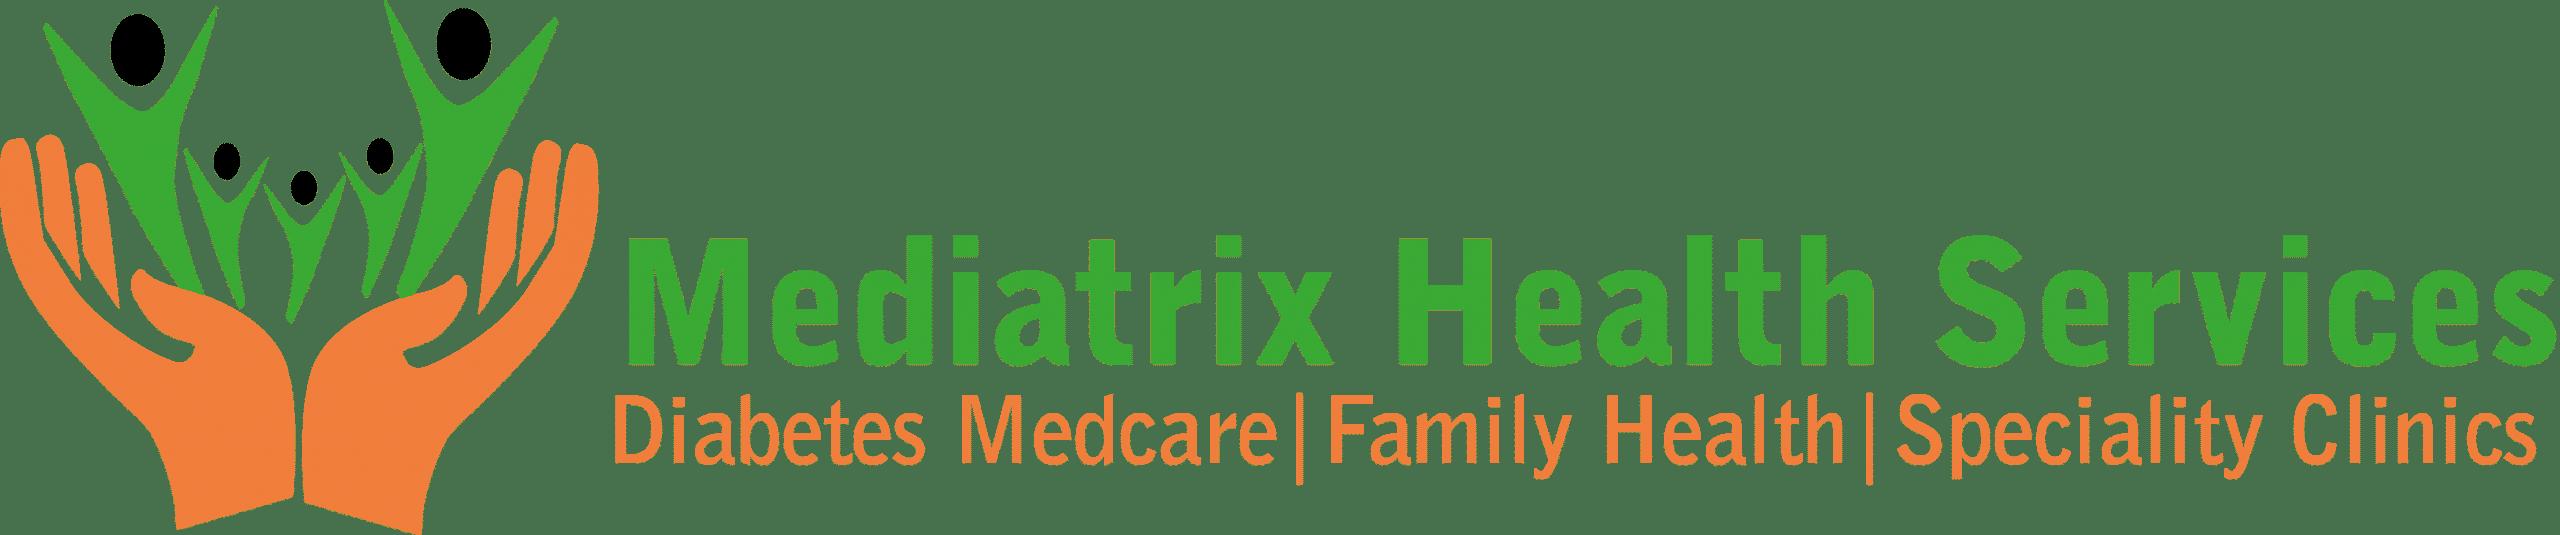 Mediatrix Health Services Final Logo 2 e1582790547729